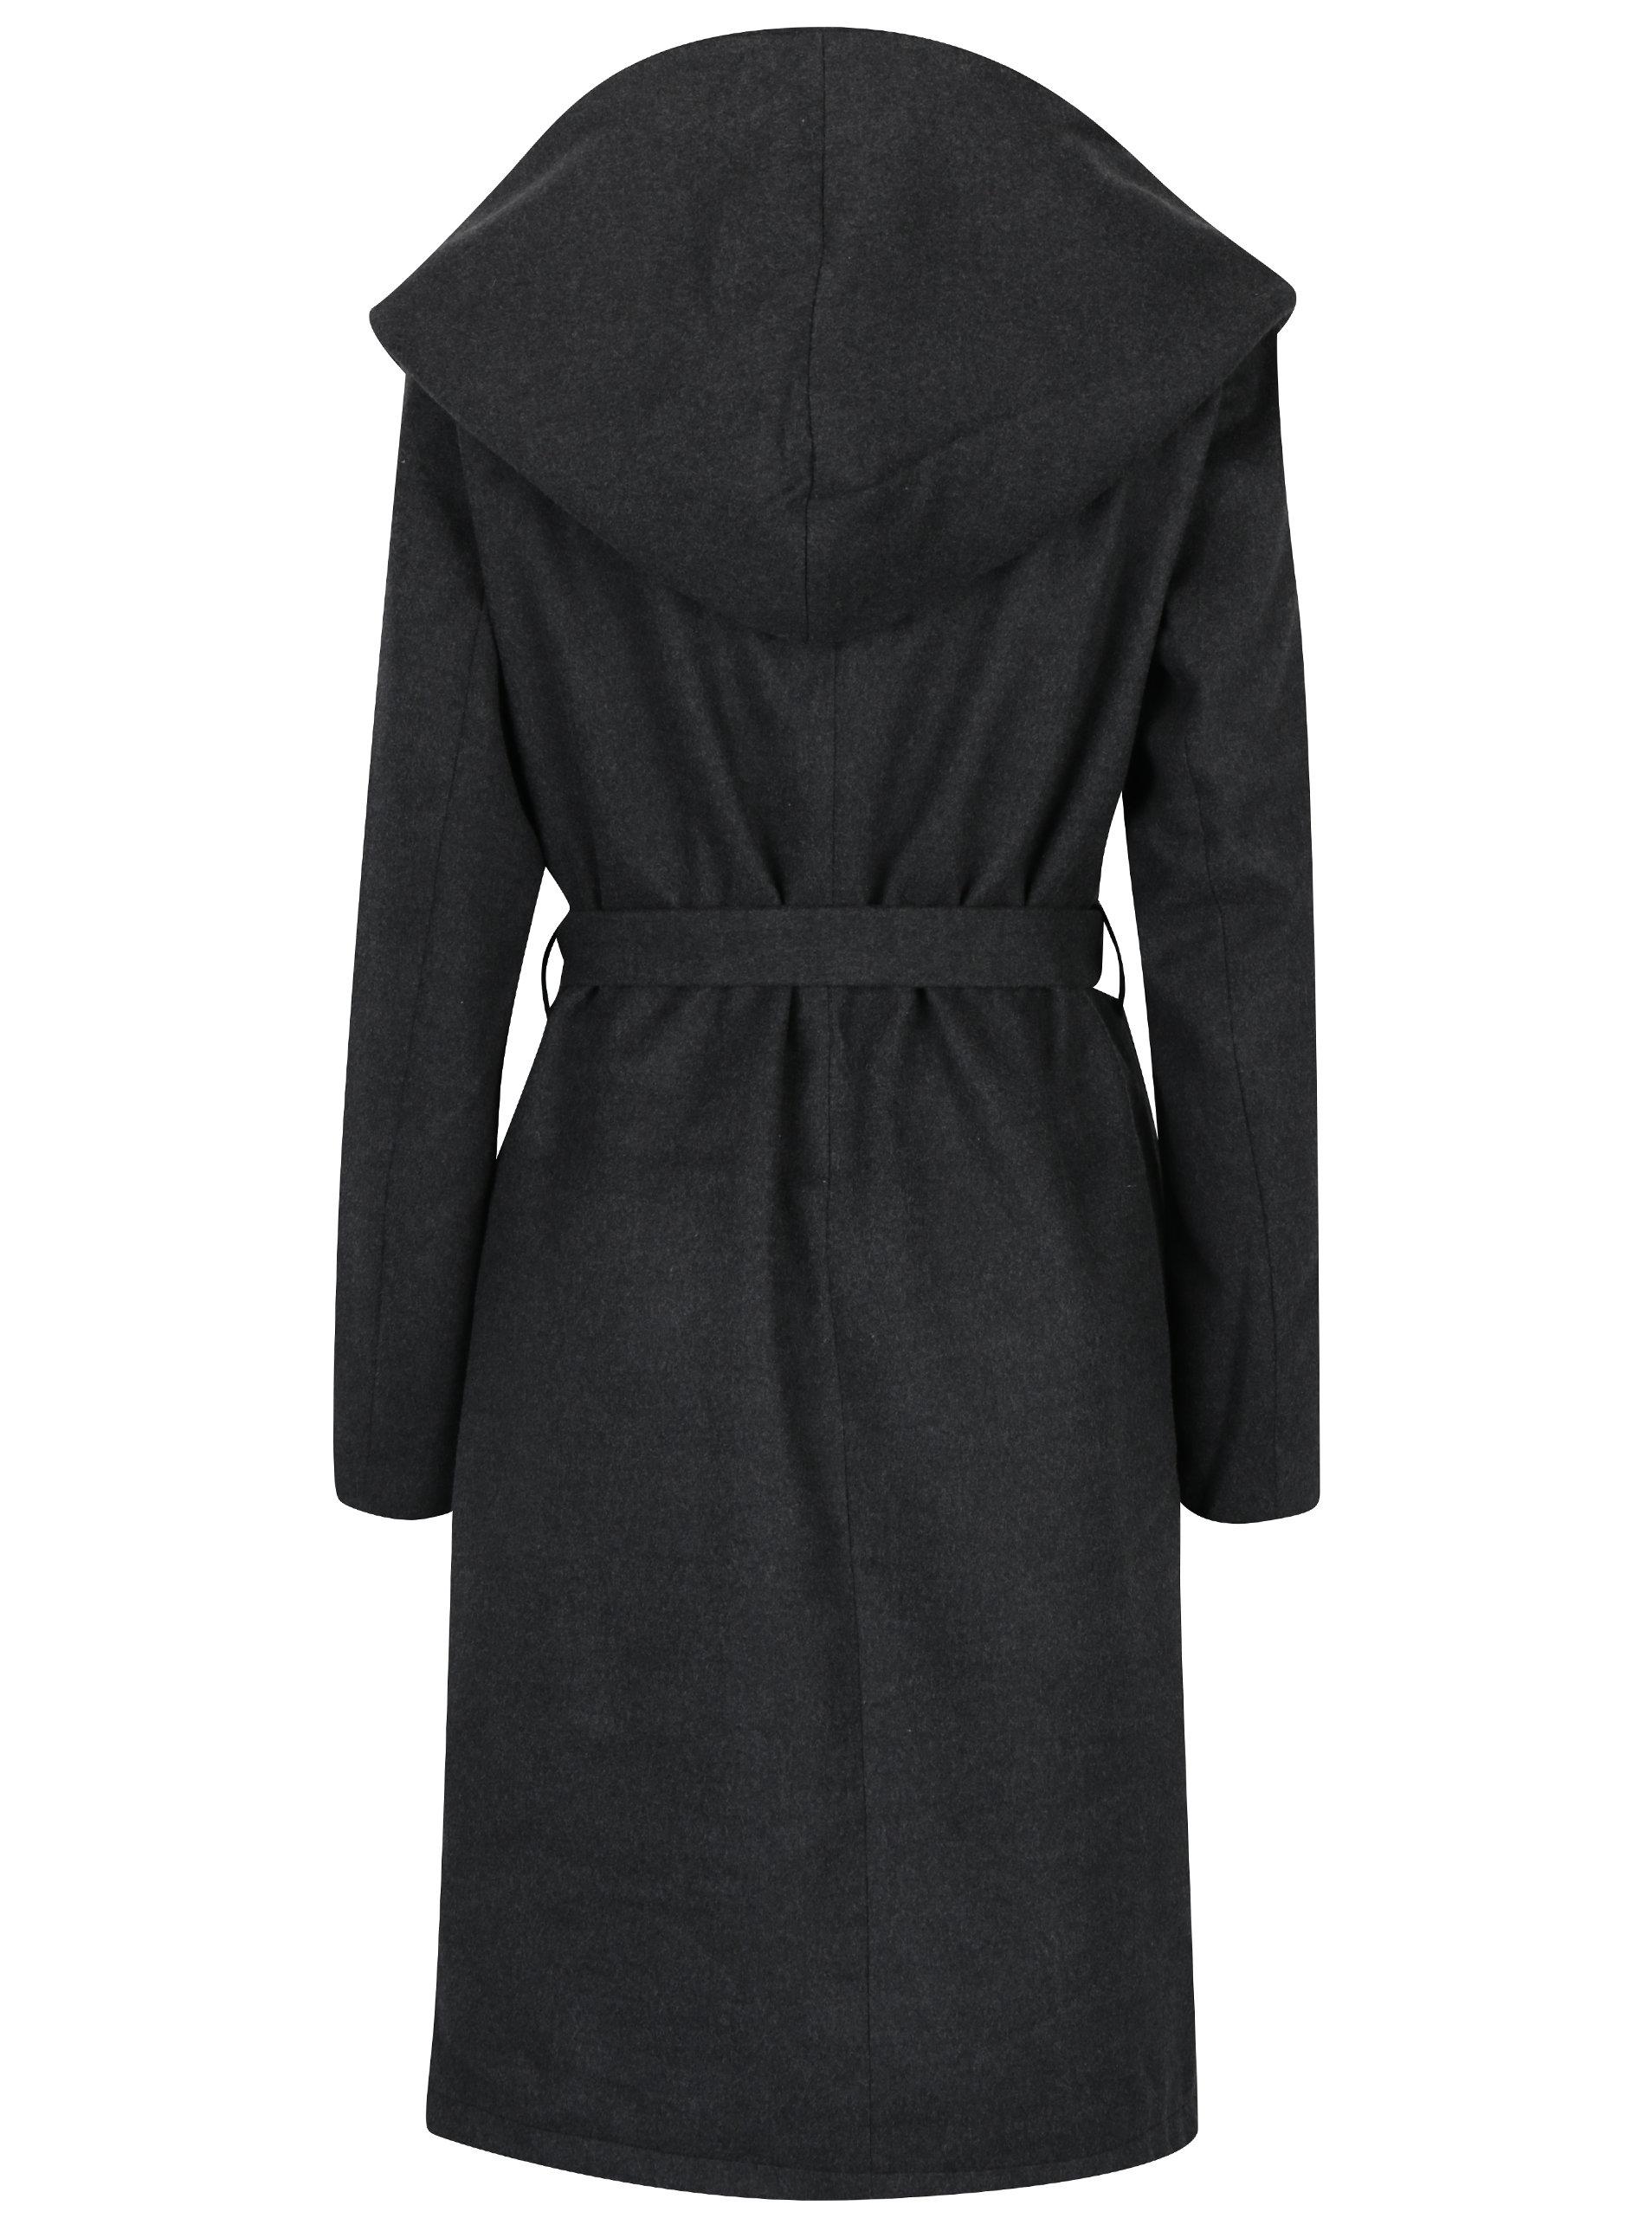 6803f3efa8 Tmavě šedý kabát s kapucí ONLY Phoebe ...